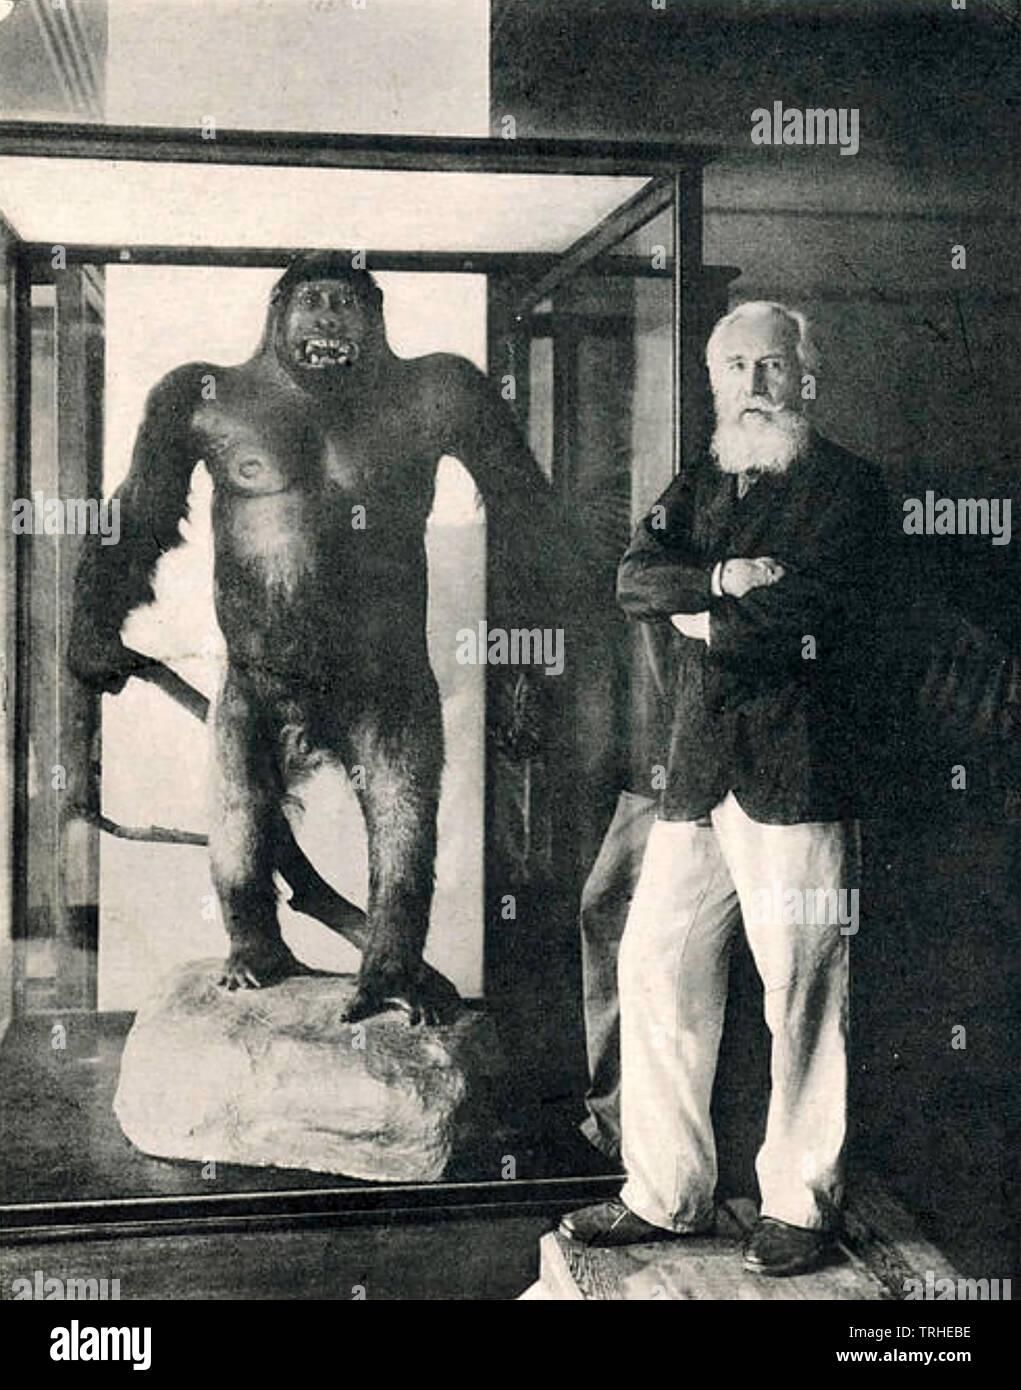 ERNST HAECKEL (1834-1919) uno zoologo tedesco e artista Immagini Stock